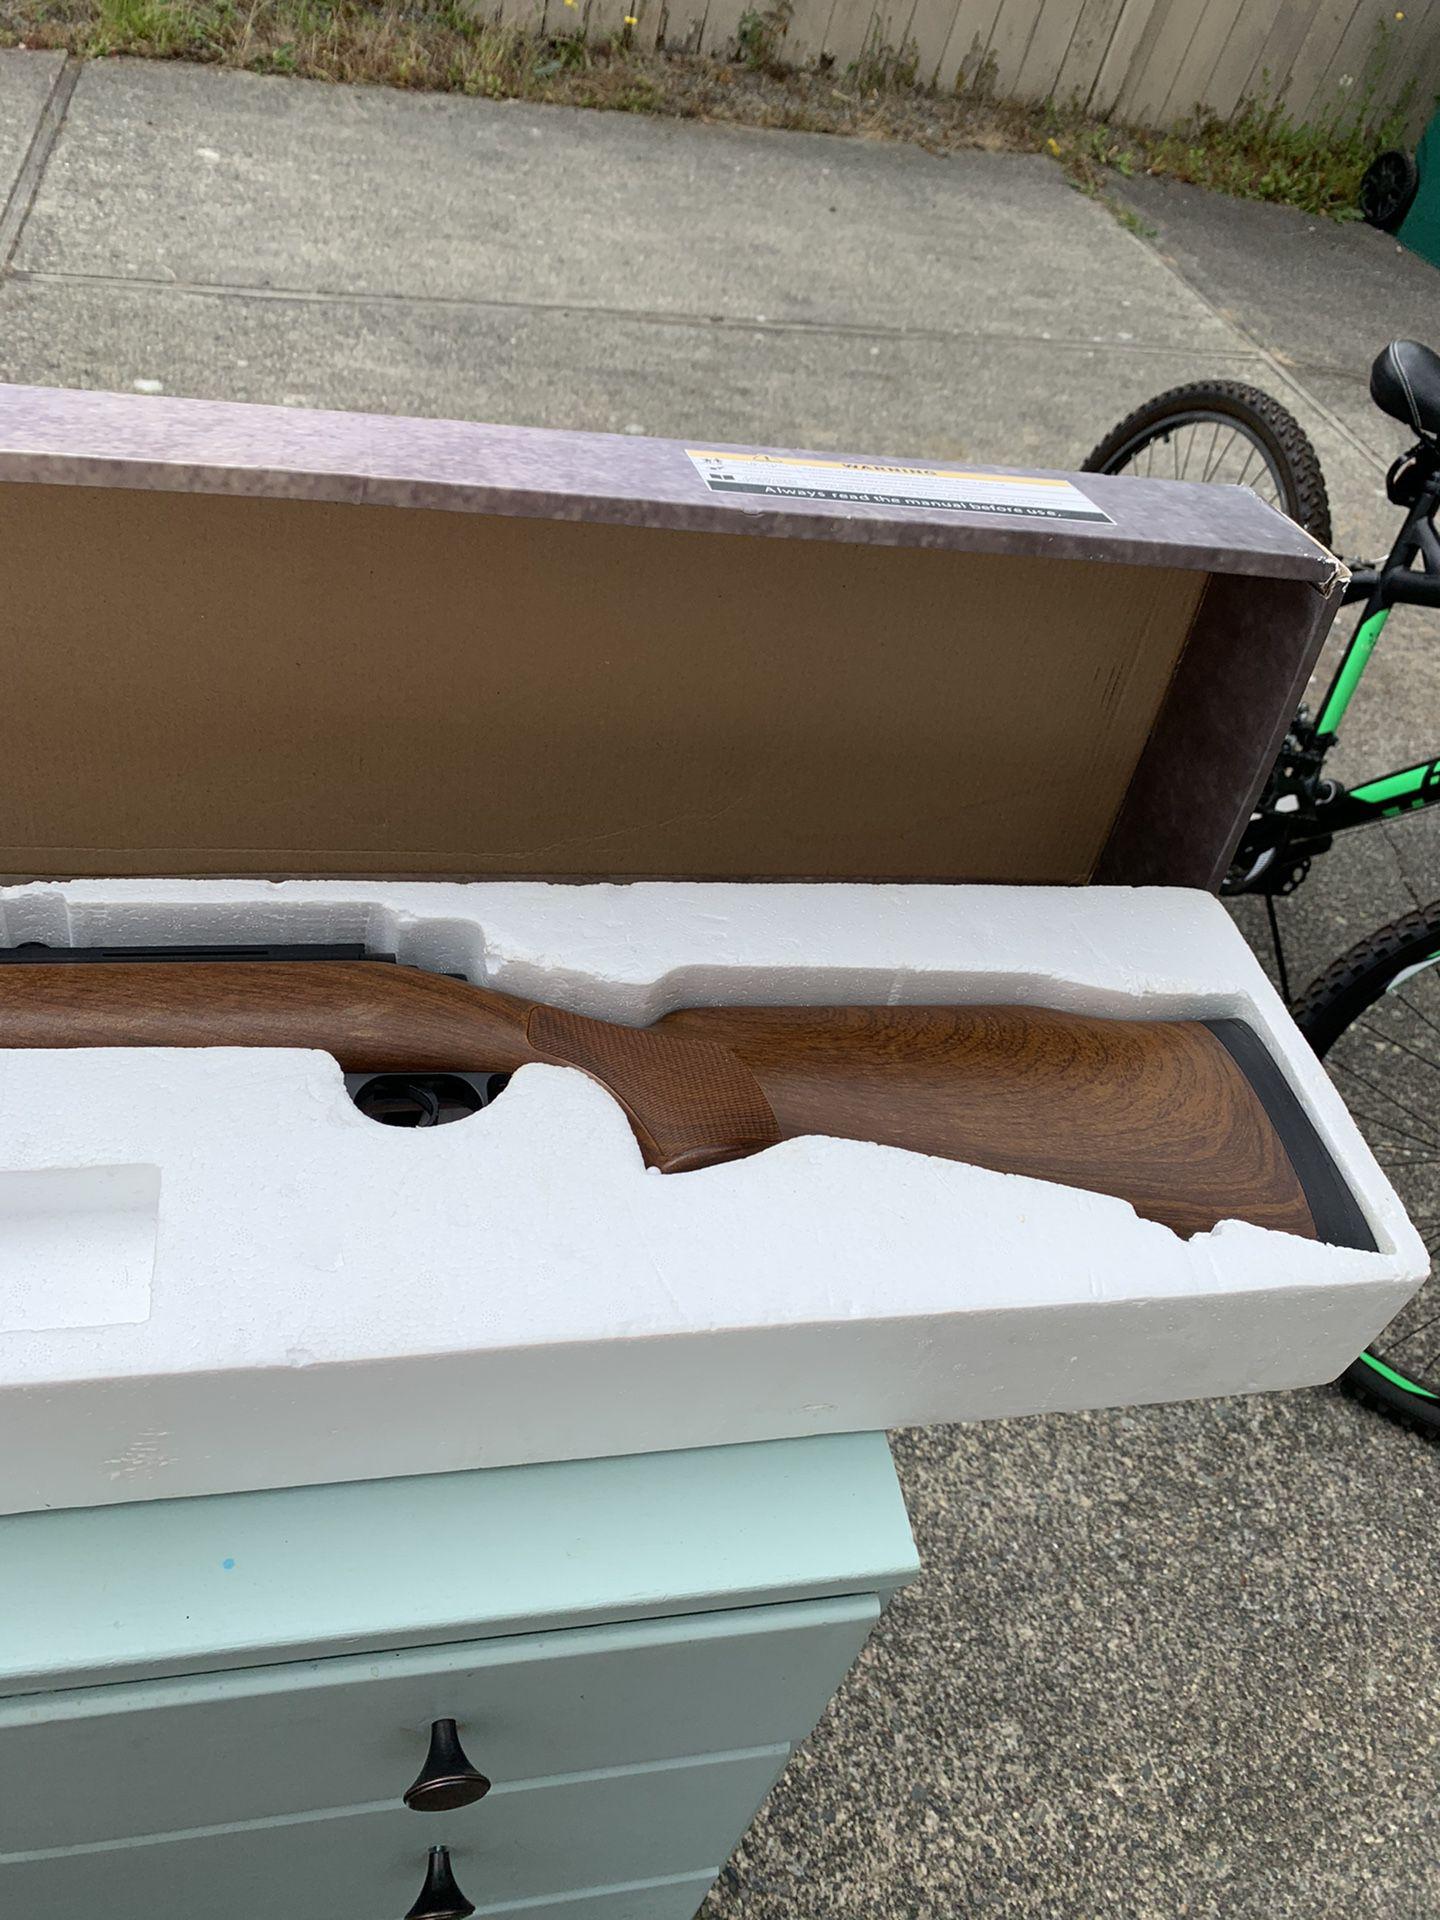 Air soft gun / rifle